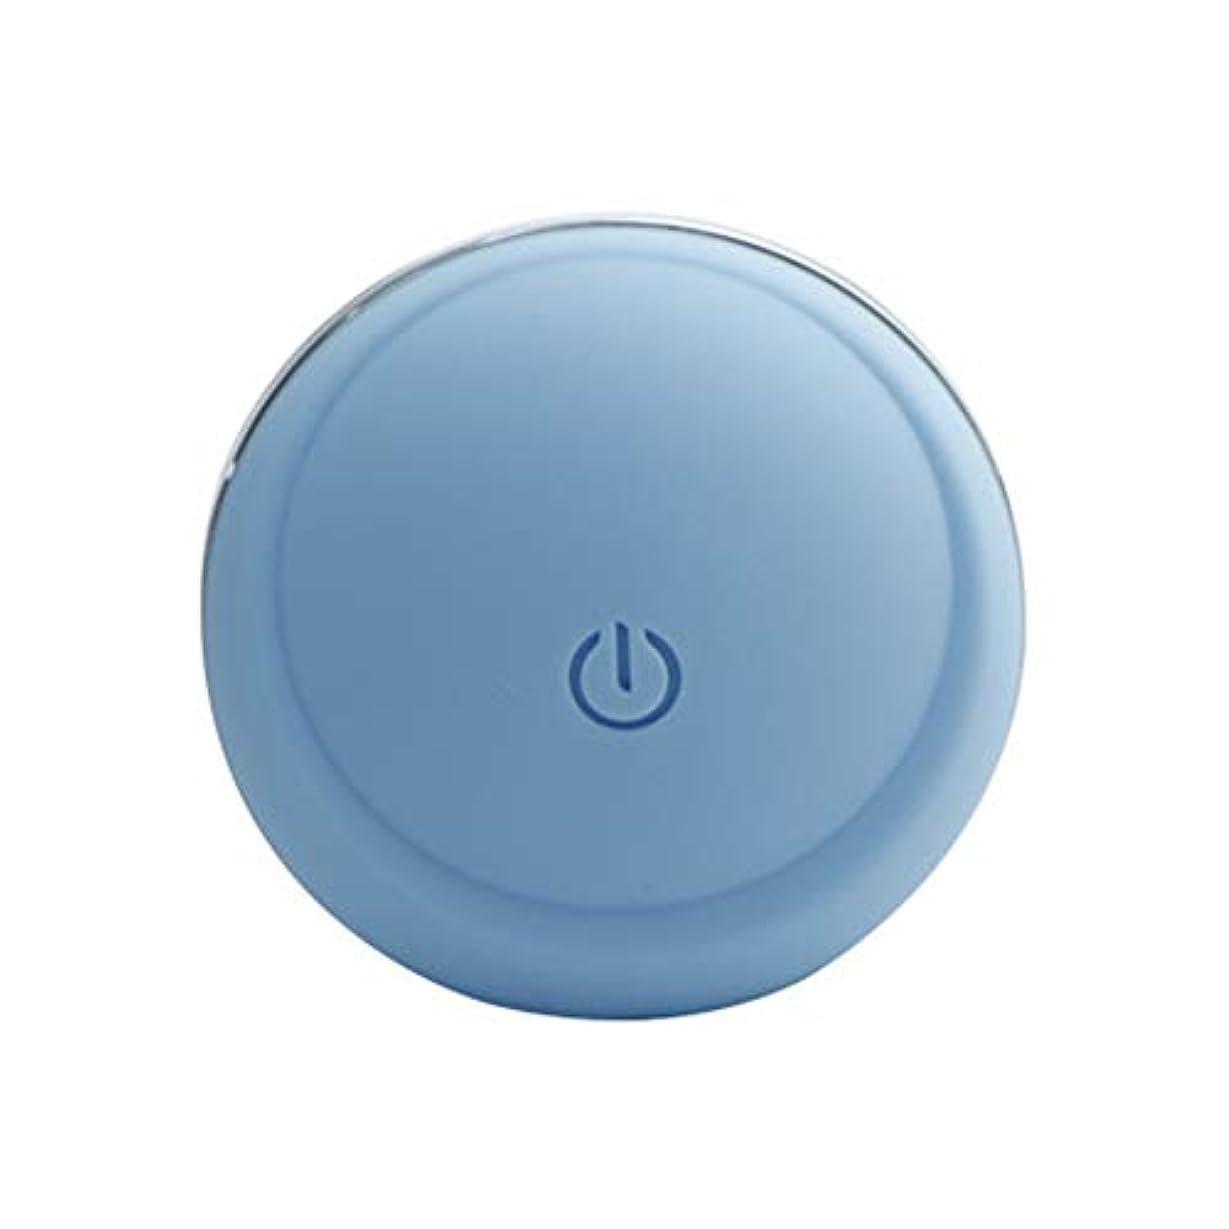 もう一度情報アーサー電動洗顔ブラシ - USB 充電 携帯用電動シリコンフェイスクレンジングブラシ 3速 全身防水 洗浄機毛穴クリーナーホーム顔美容機器ホーム